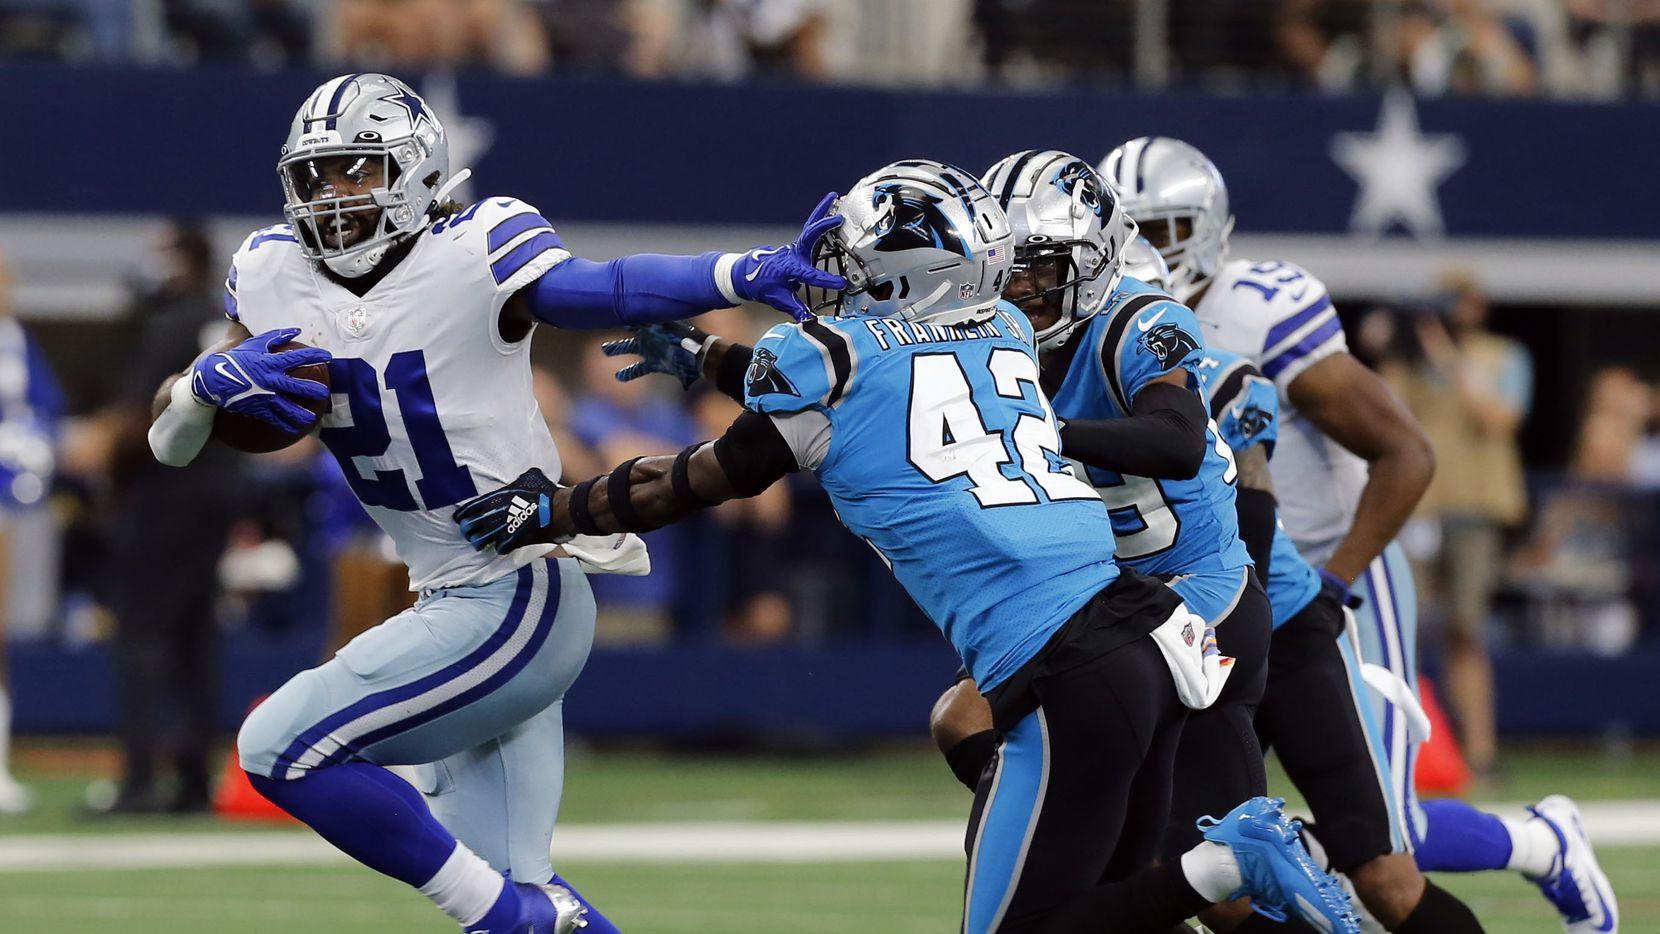 El corredor de los Cowboys, Ezekiel Elliott (izq), se quita las tacleadas delos defensivos de los Panthers de Carolina en el juego del 3 de octubre de 2021 en AT&T Stadium.